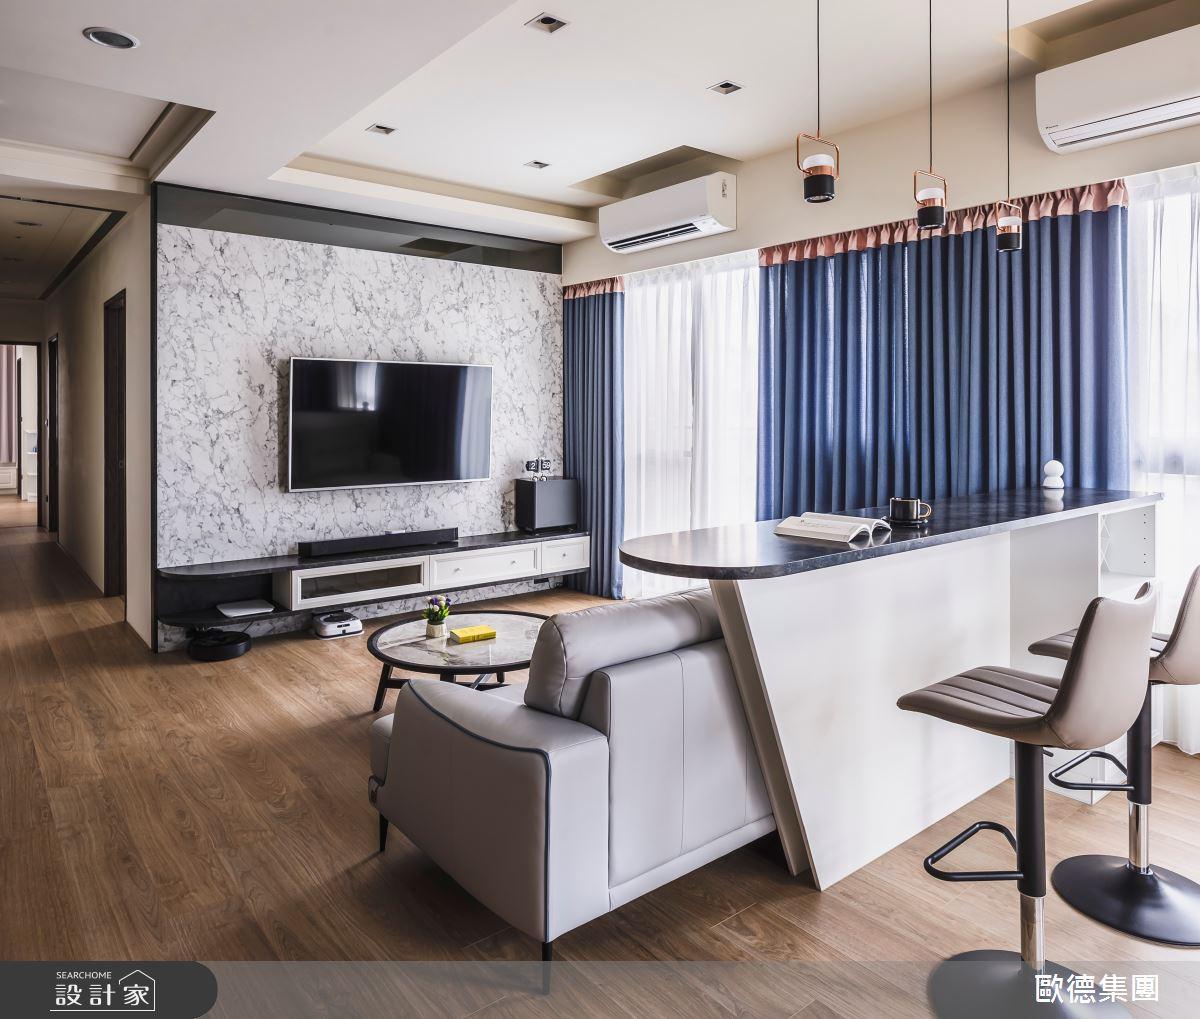 40坪新成屋(5年以下)_混搭風客廳案例圖片_台灣歐德傢俱股份有限公司_歐德_129之15